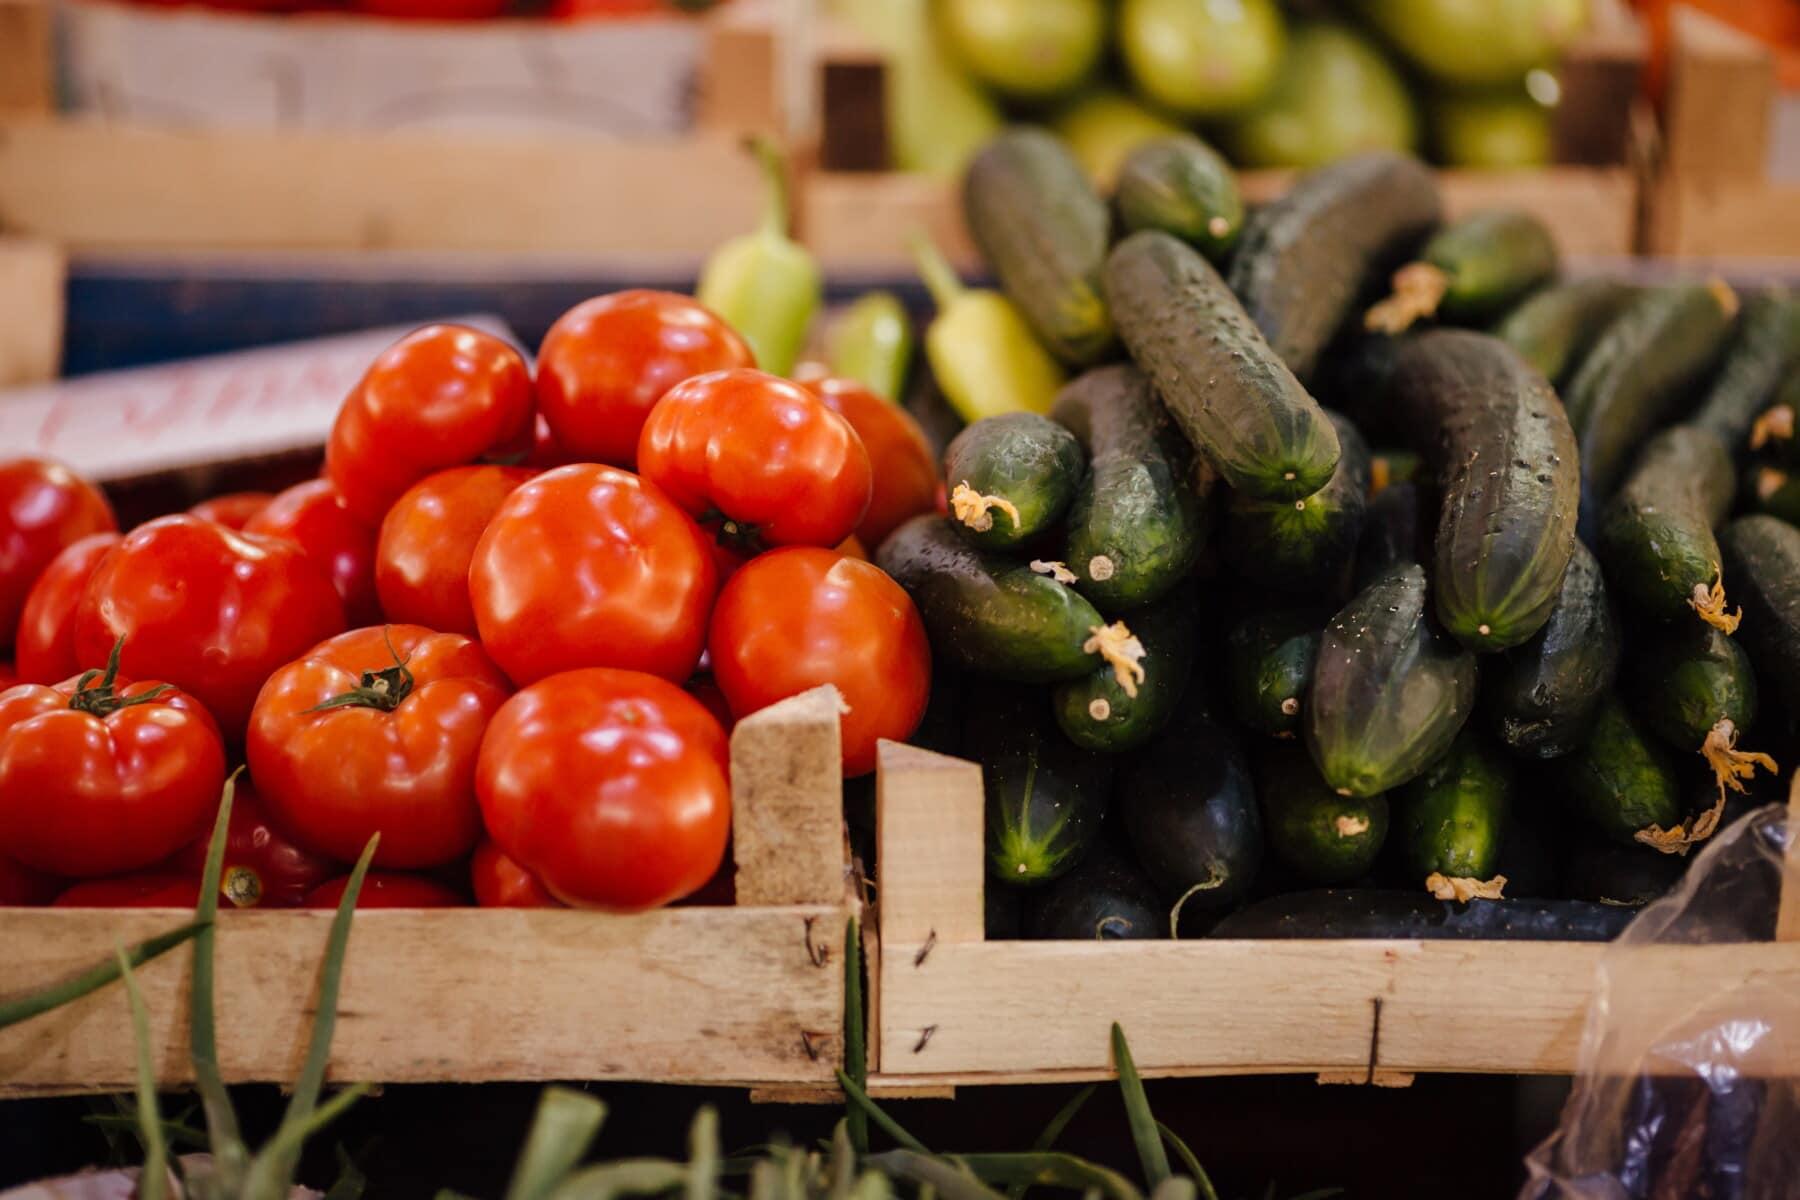 rot, Tomaten, Lebensmittel, Marktplatz, Einkaufen, Gurke, Produkte, Landwirtschaft, Gemüse, Tomaten